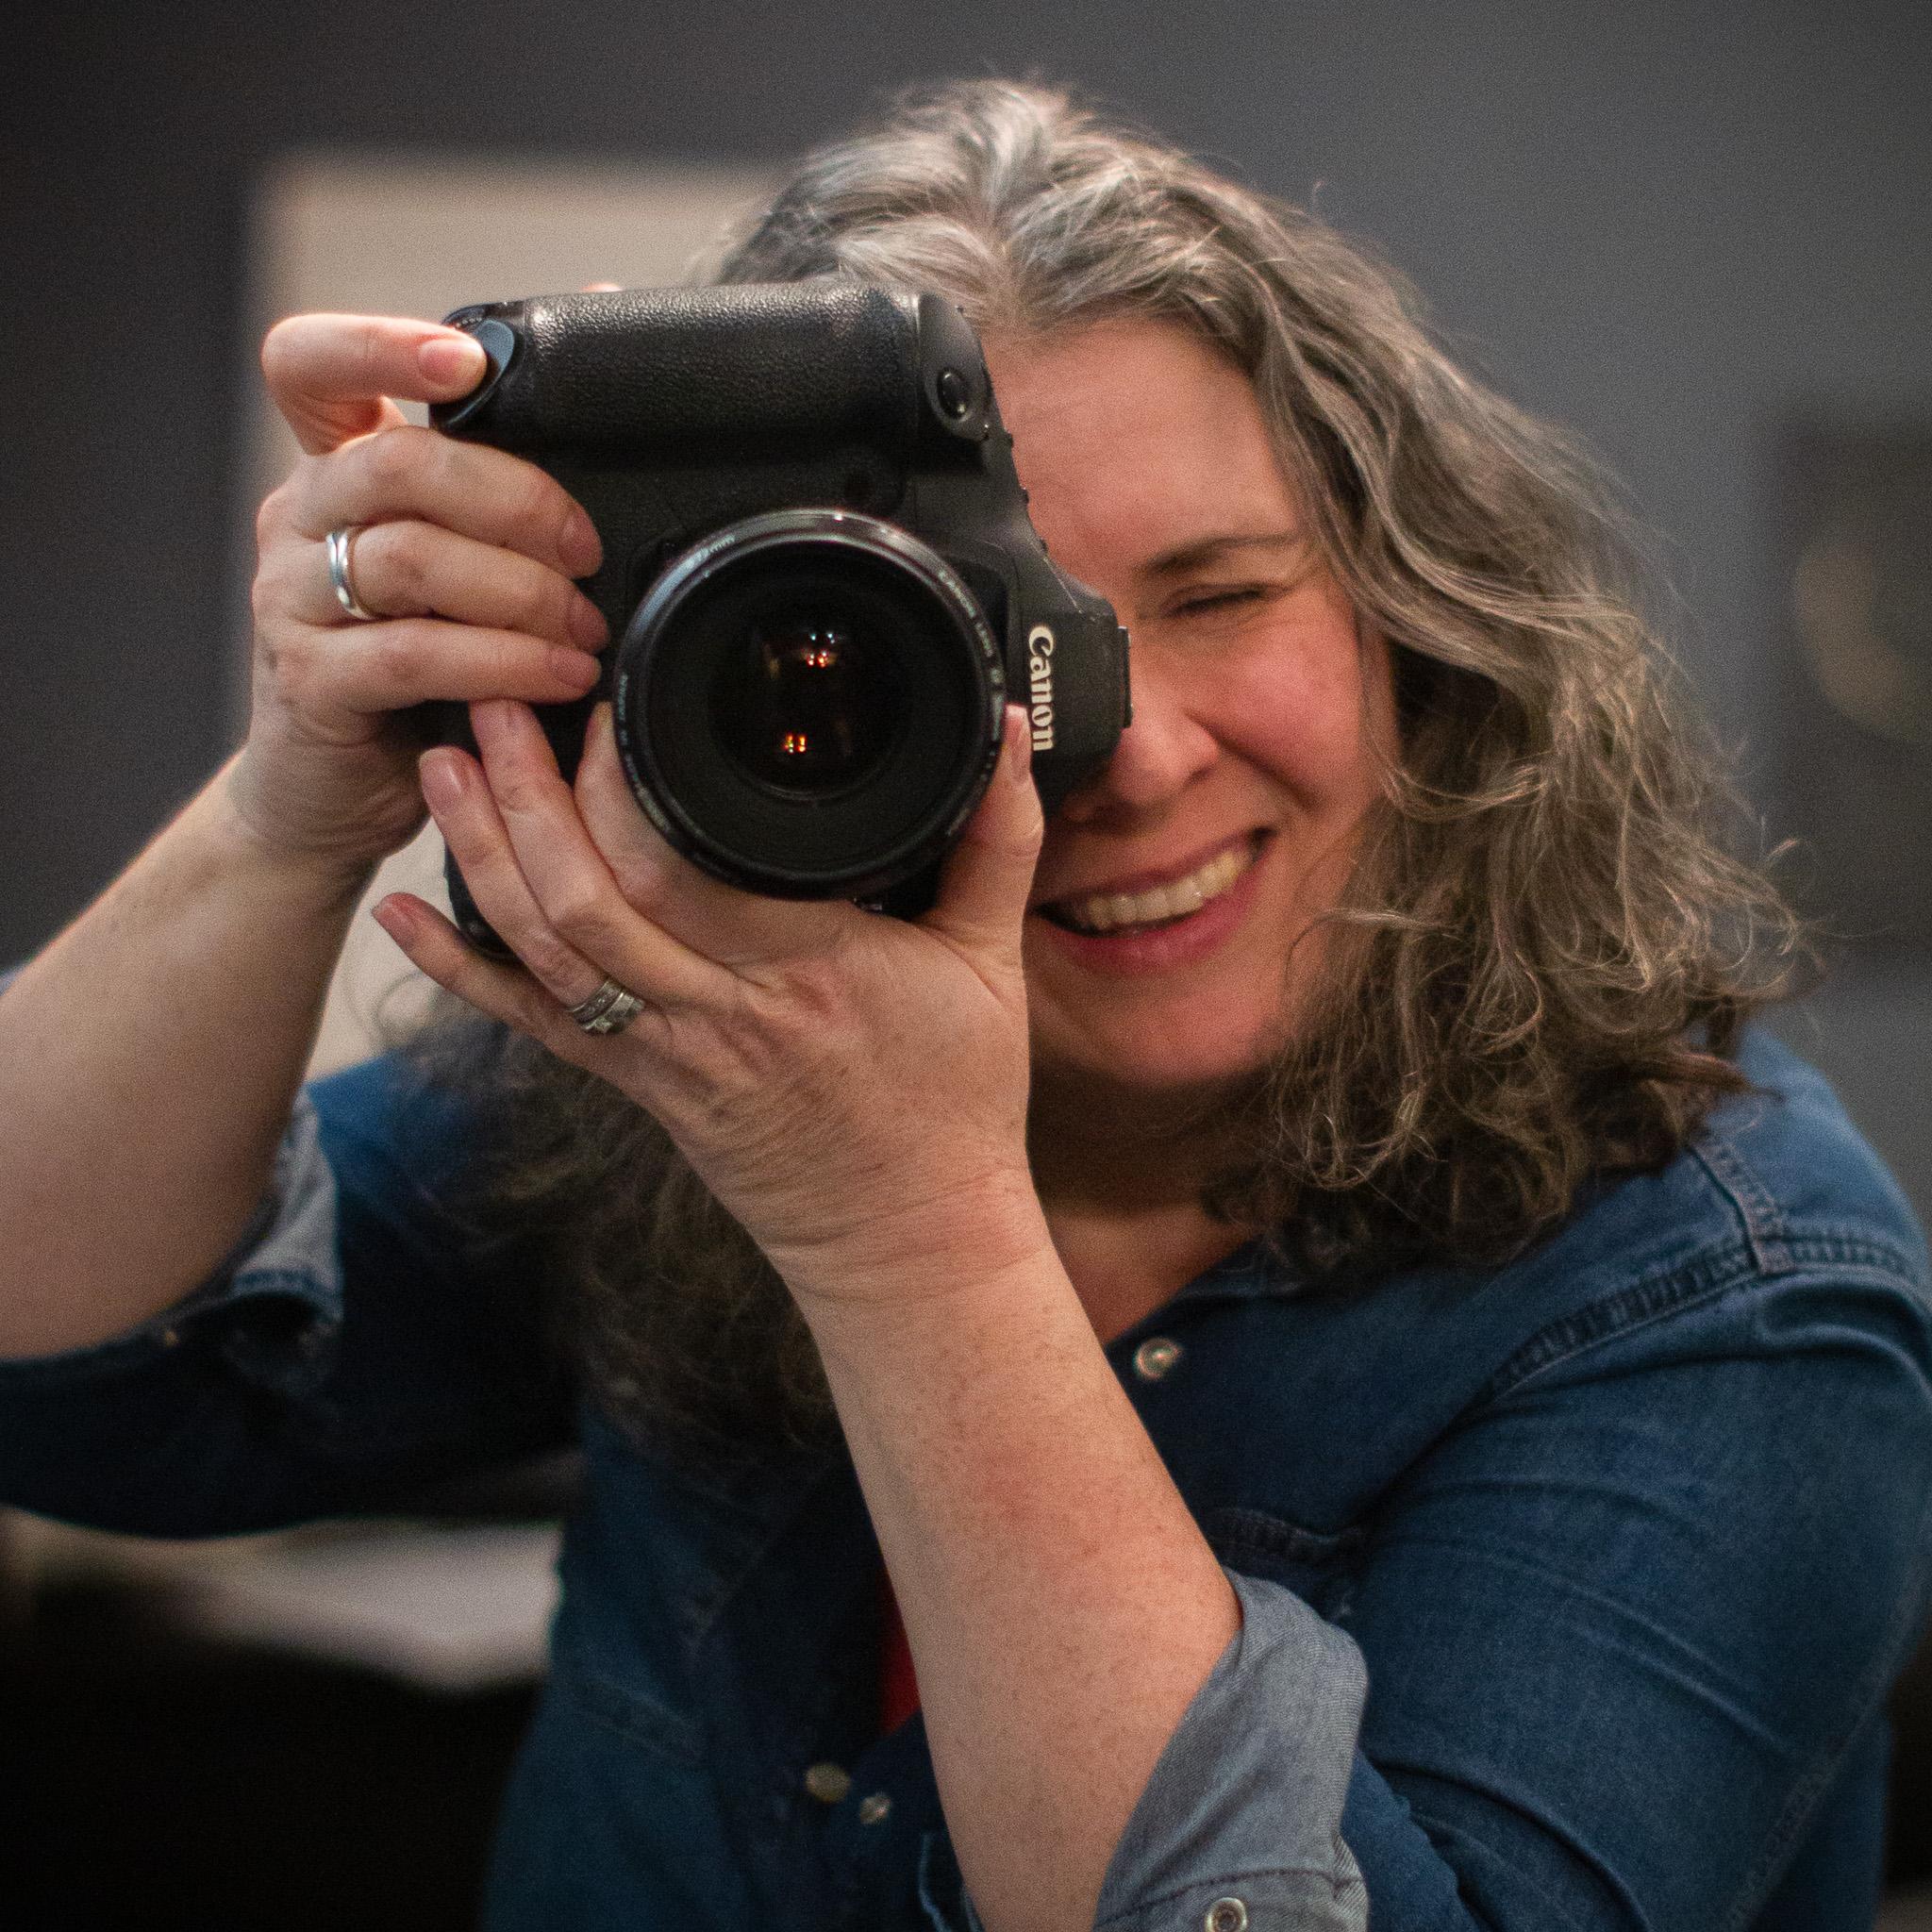 Linda Scannell, Warwickshire photographer